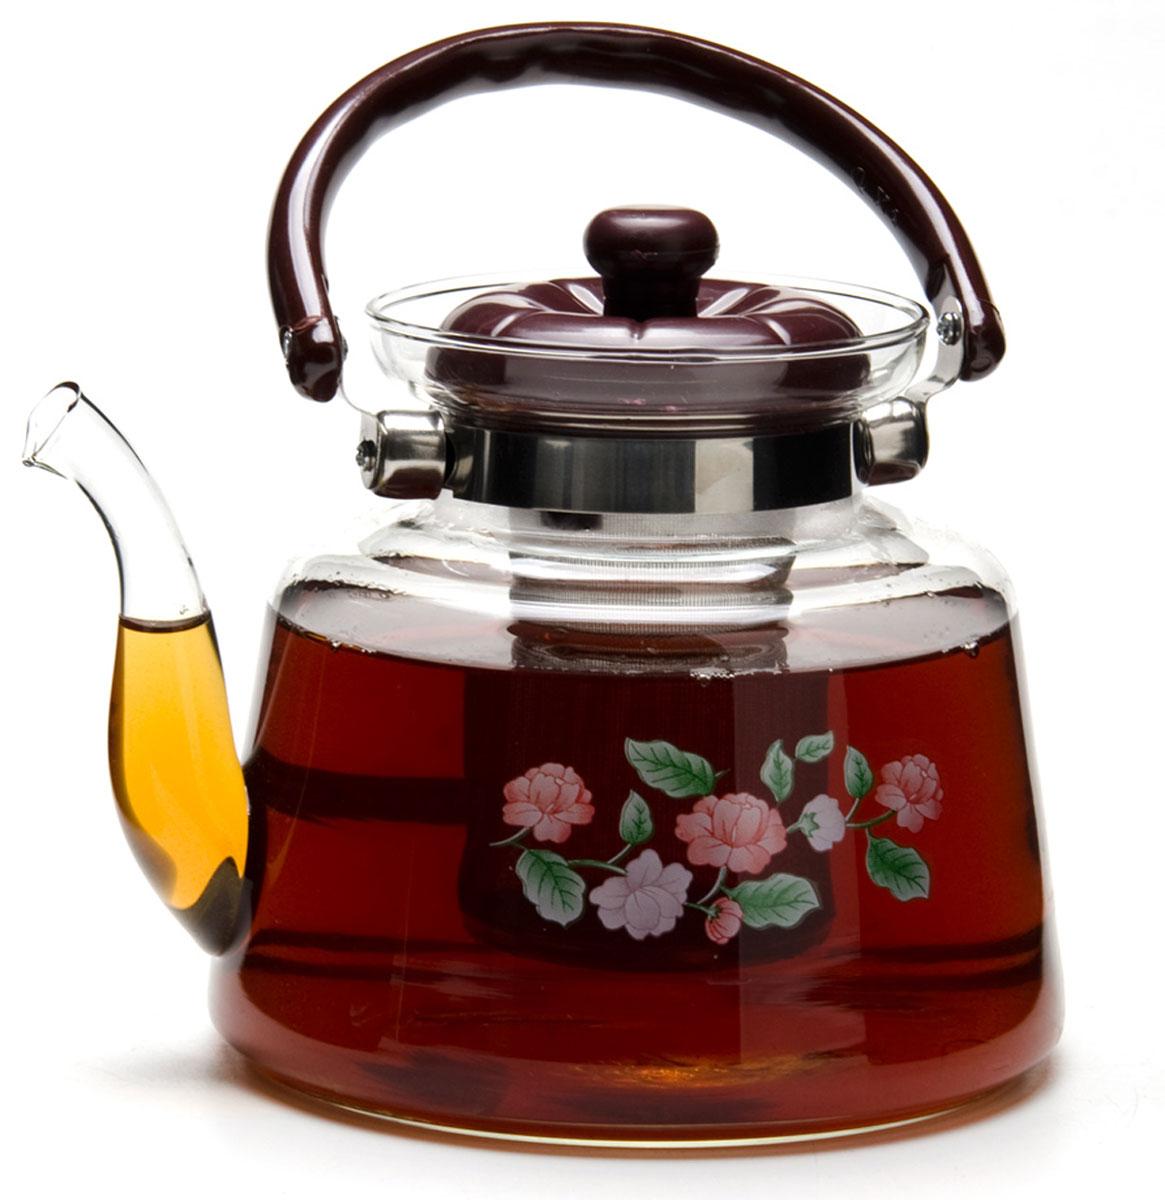 Чайник заварочный Mayer & Boch, 1,8 л. 2078220782Заварочный чайник, выполненный из жаропрочного стекла, практичный и простой в использовании. Он займет достойное место на вашей кухне и позволит вам заварить свежий, ароматный чай. ручка и крышка заварочного чайника изготовлены из пластика черного цвета, что обеспечивает дополнительную защиту от ожогов. Чайник оснащен сетчатым фильтром из нержавеющей стали, что позволяет задерживать чаинки и предотвращать их попадание в чашку, а прозрачные стенки дадут возможность наблюдать за насыщением напитка. Заварочный чайник Mayer&Boch послужит хорошим подарком для друзей и близких.